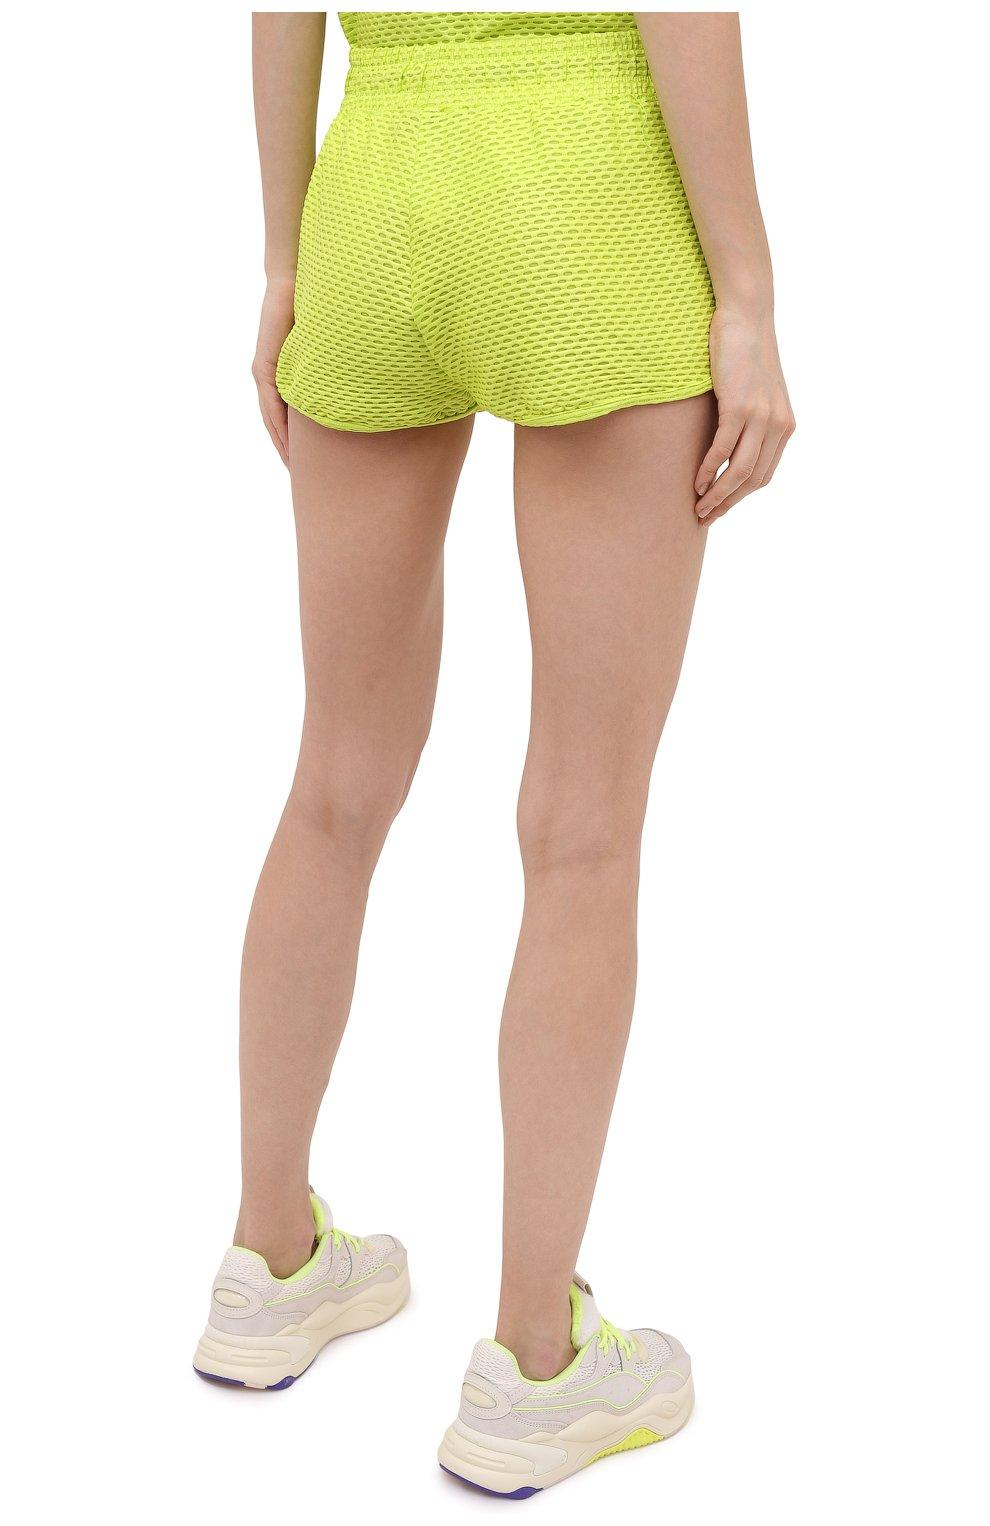 Женские шорты KORAL светло-зеленого цвета, арт. A2526K09 | Фото 4 (Длина Ж (юбки, платья, шорты): Мини; Кросс-КТ: Спорт; Материал внешний: Синтетический материал; Женское Кросс-КТ: Шорты-спорт)